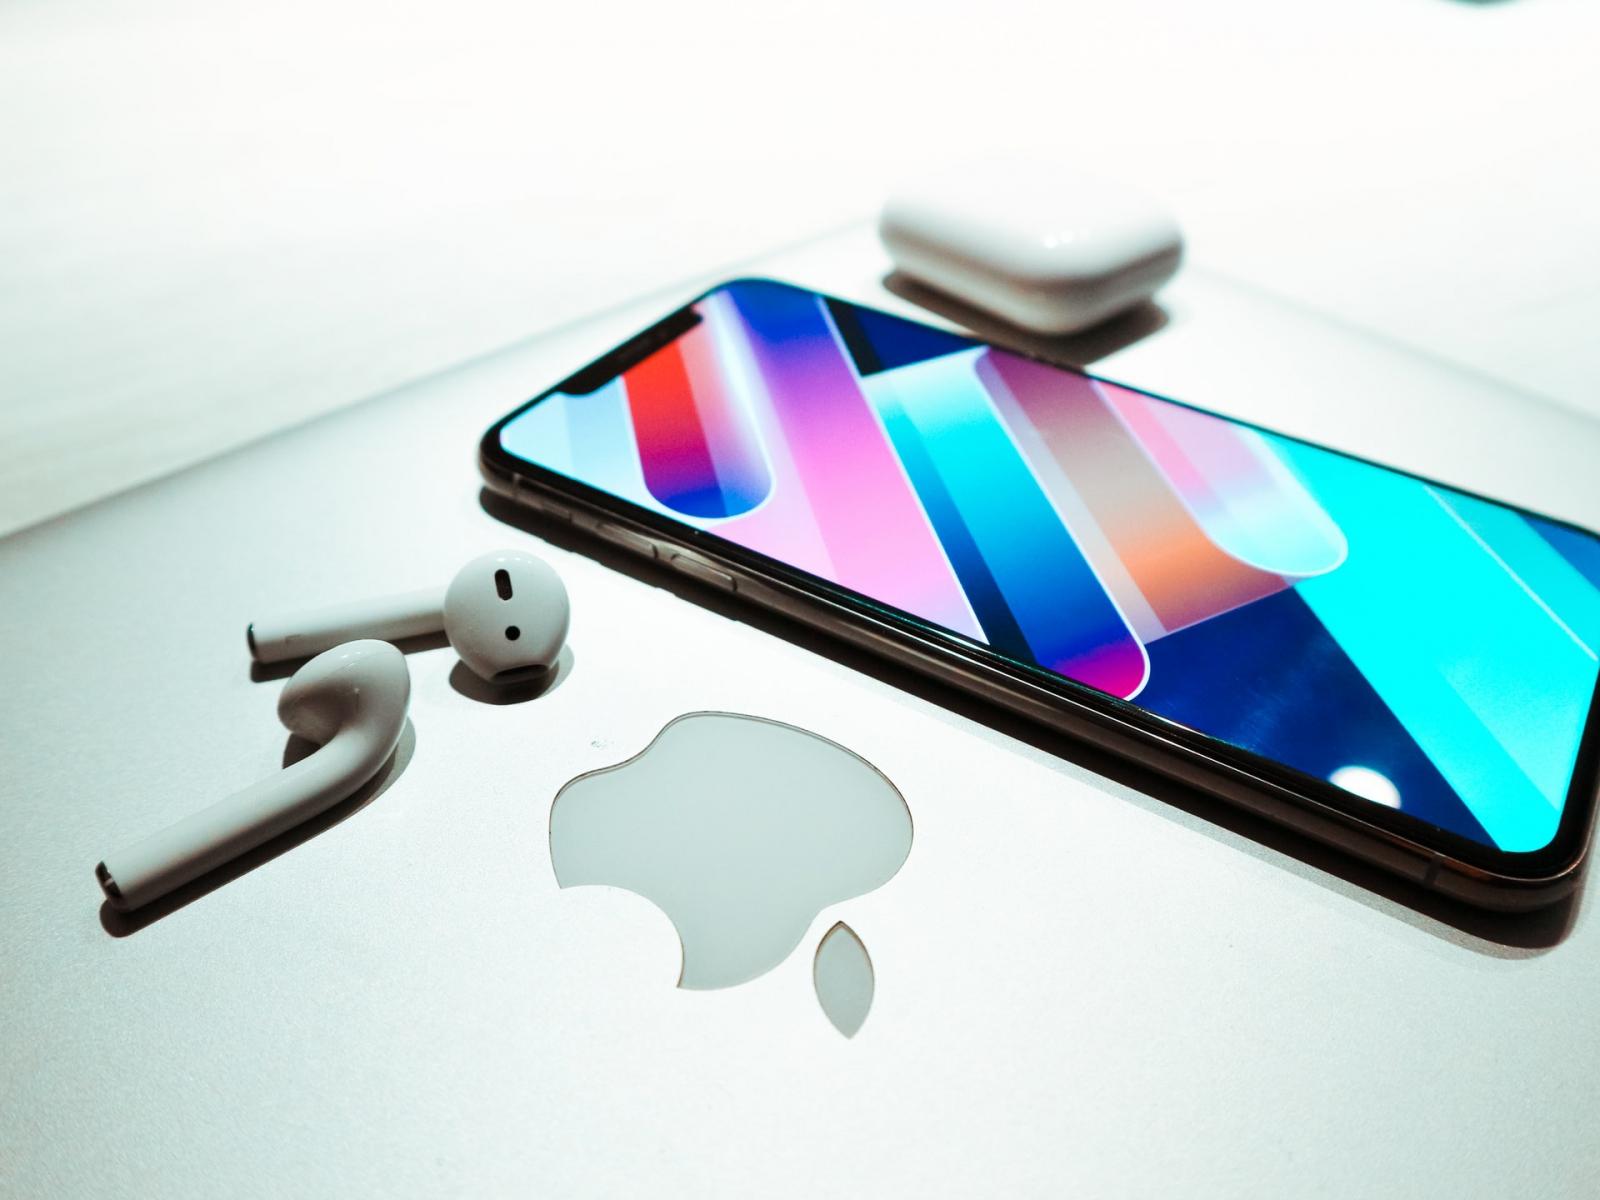 【快訊】不是芭比粉?爆料達人曝 iPhone 13 將增2夢幻新色